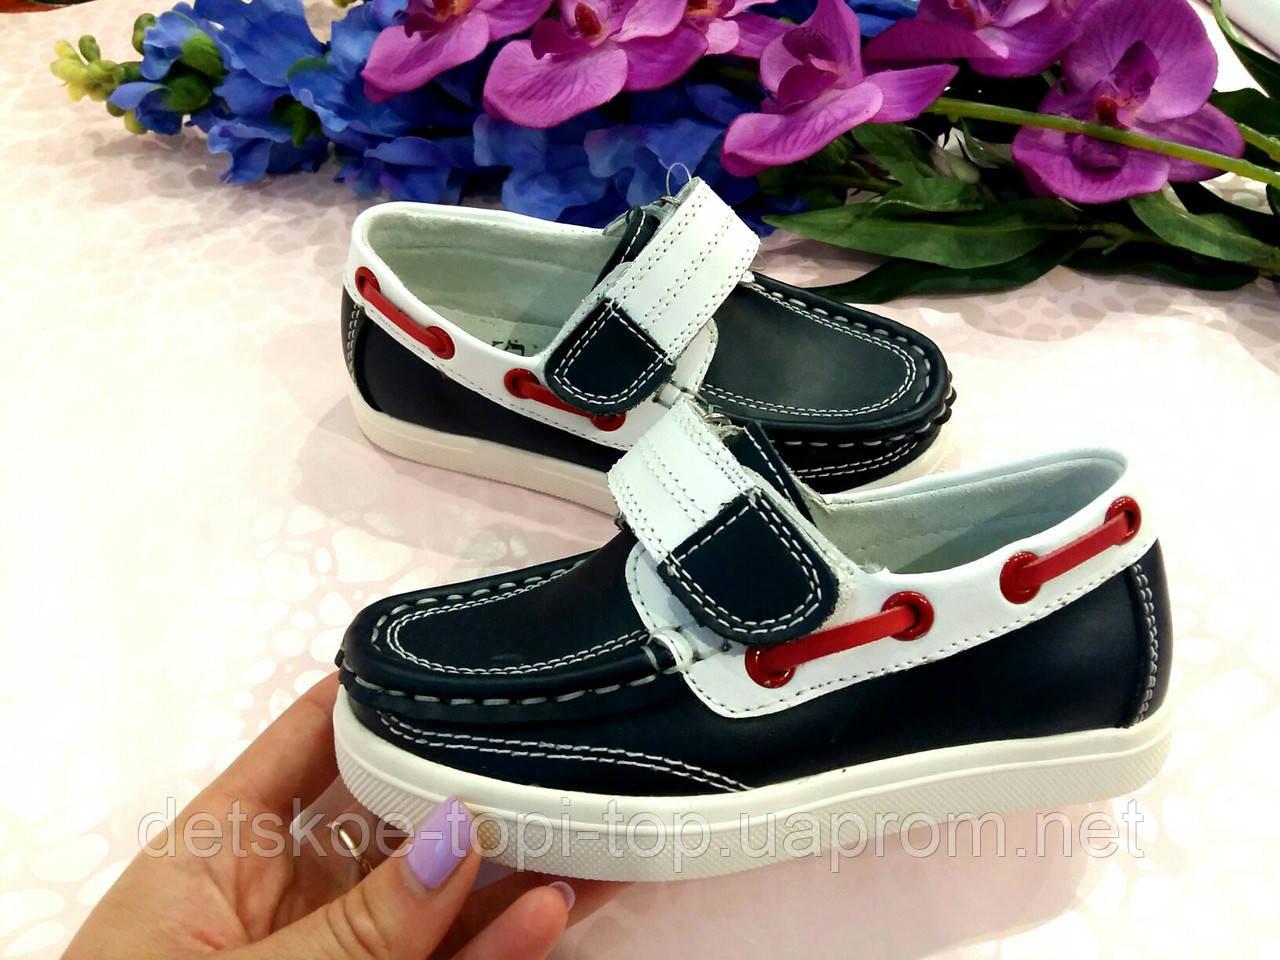 Кожаные туфли для мальчика, размер 25,27